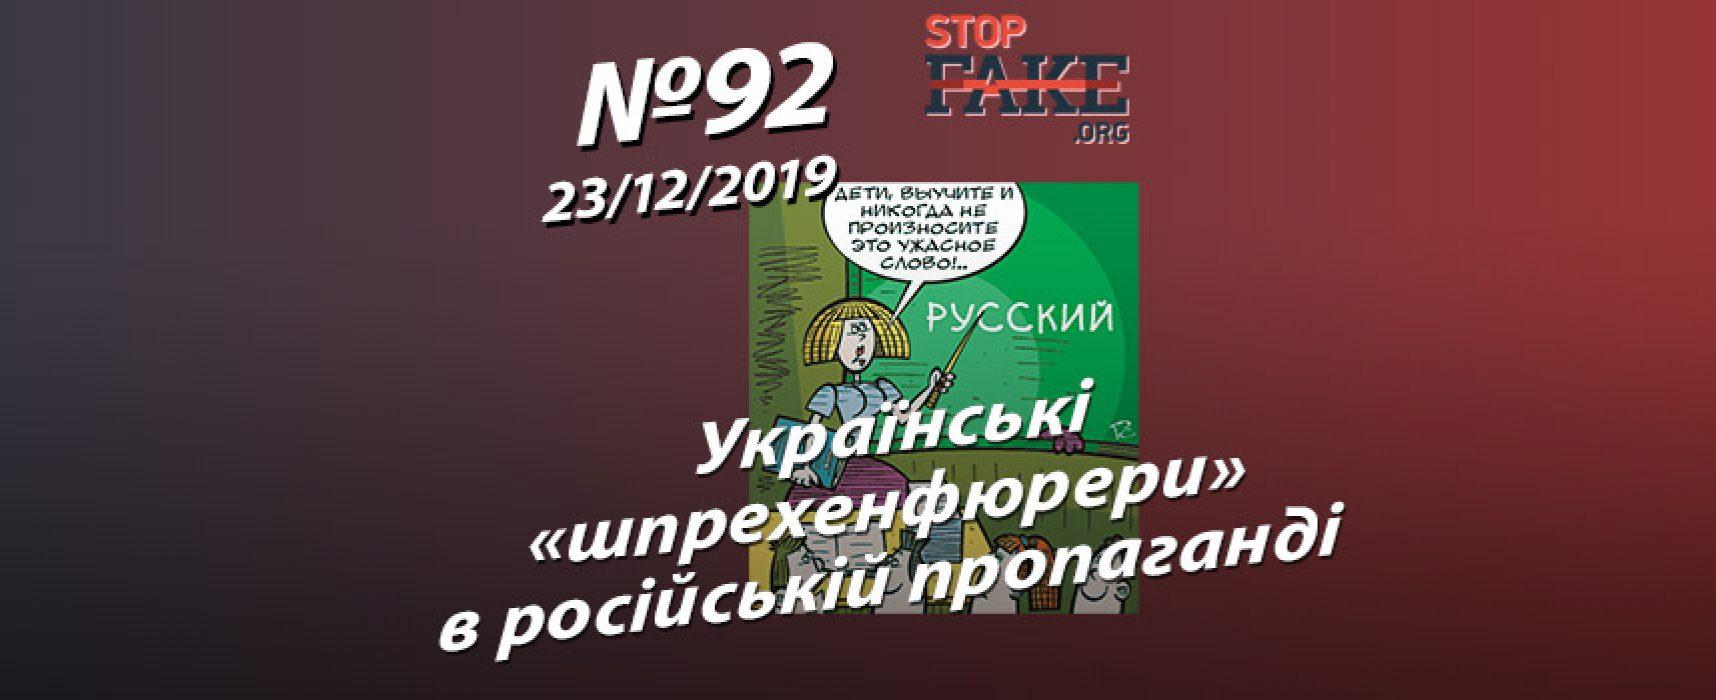 Українські «шпрехенфюрери» в російській пропаганді – StopFake.org